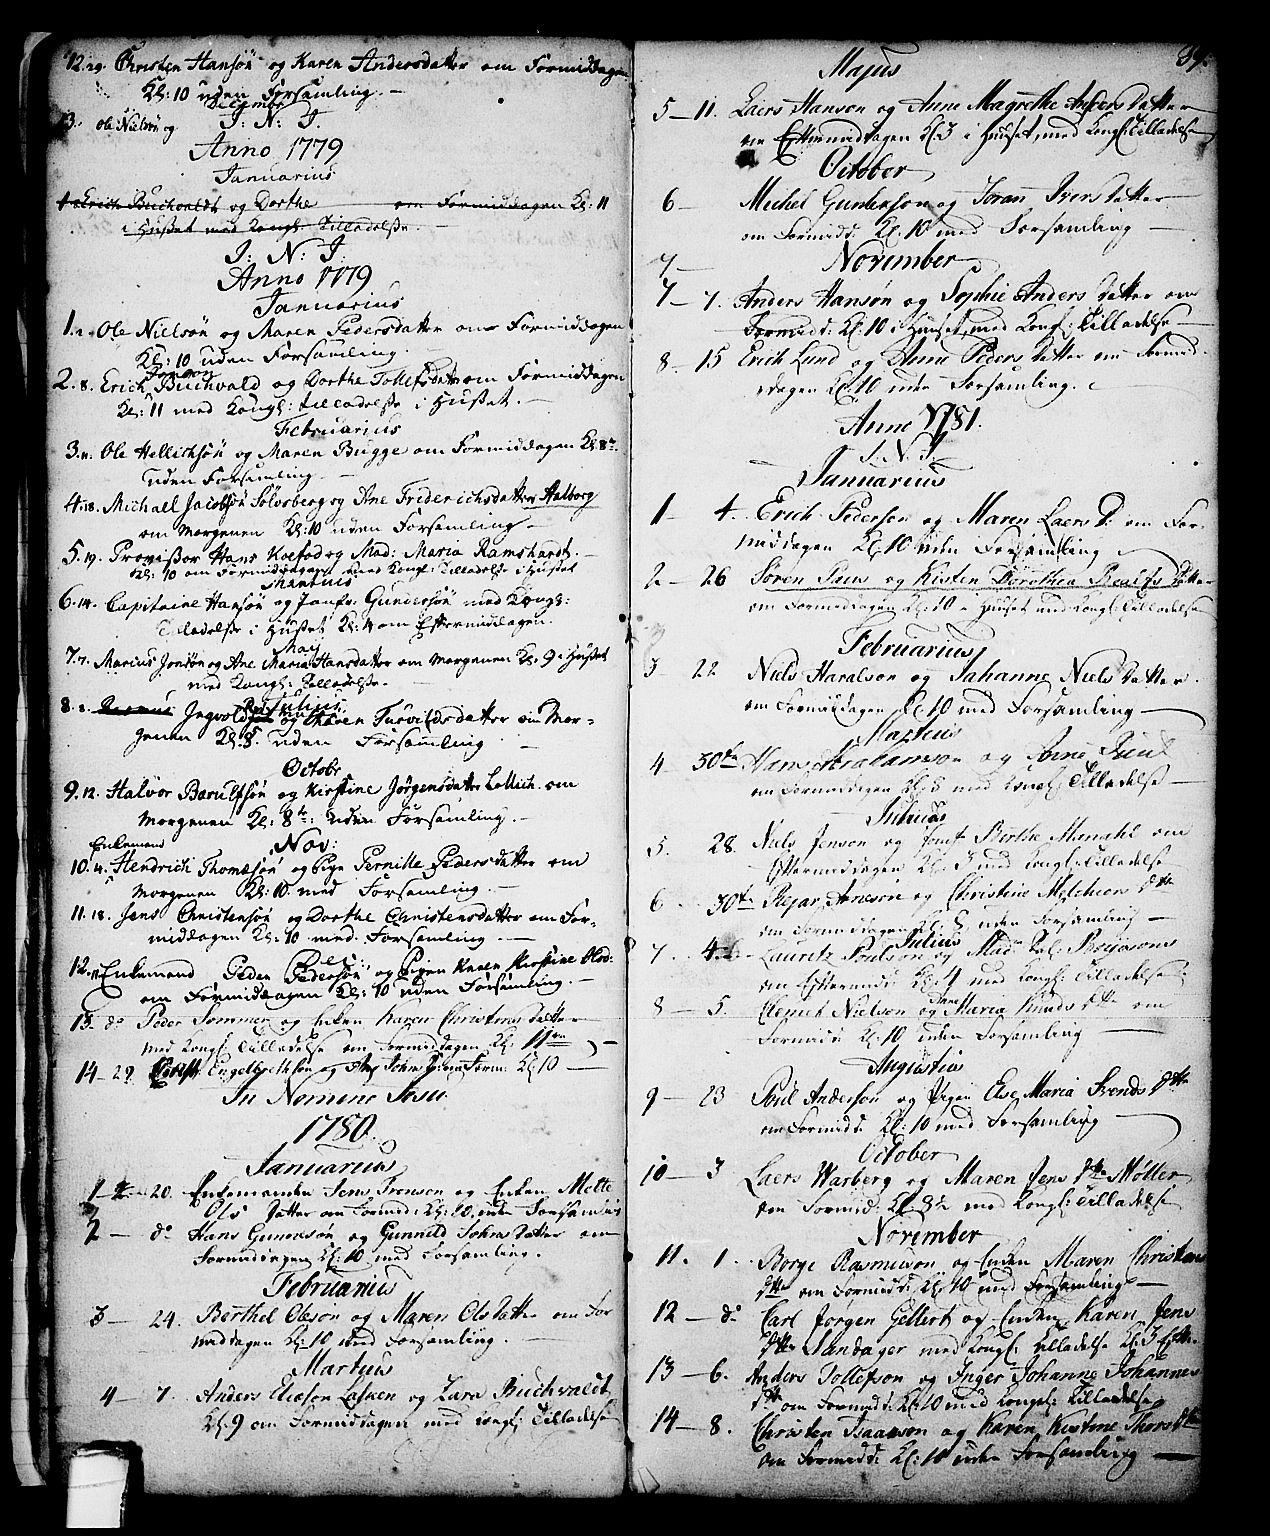 SAKO, Skien kirkebøker, G/Ga/L0001: Klokkerbok nr. 1, 1756-1791, s. 39